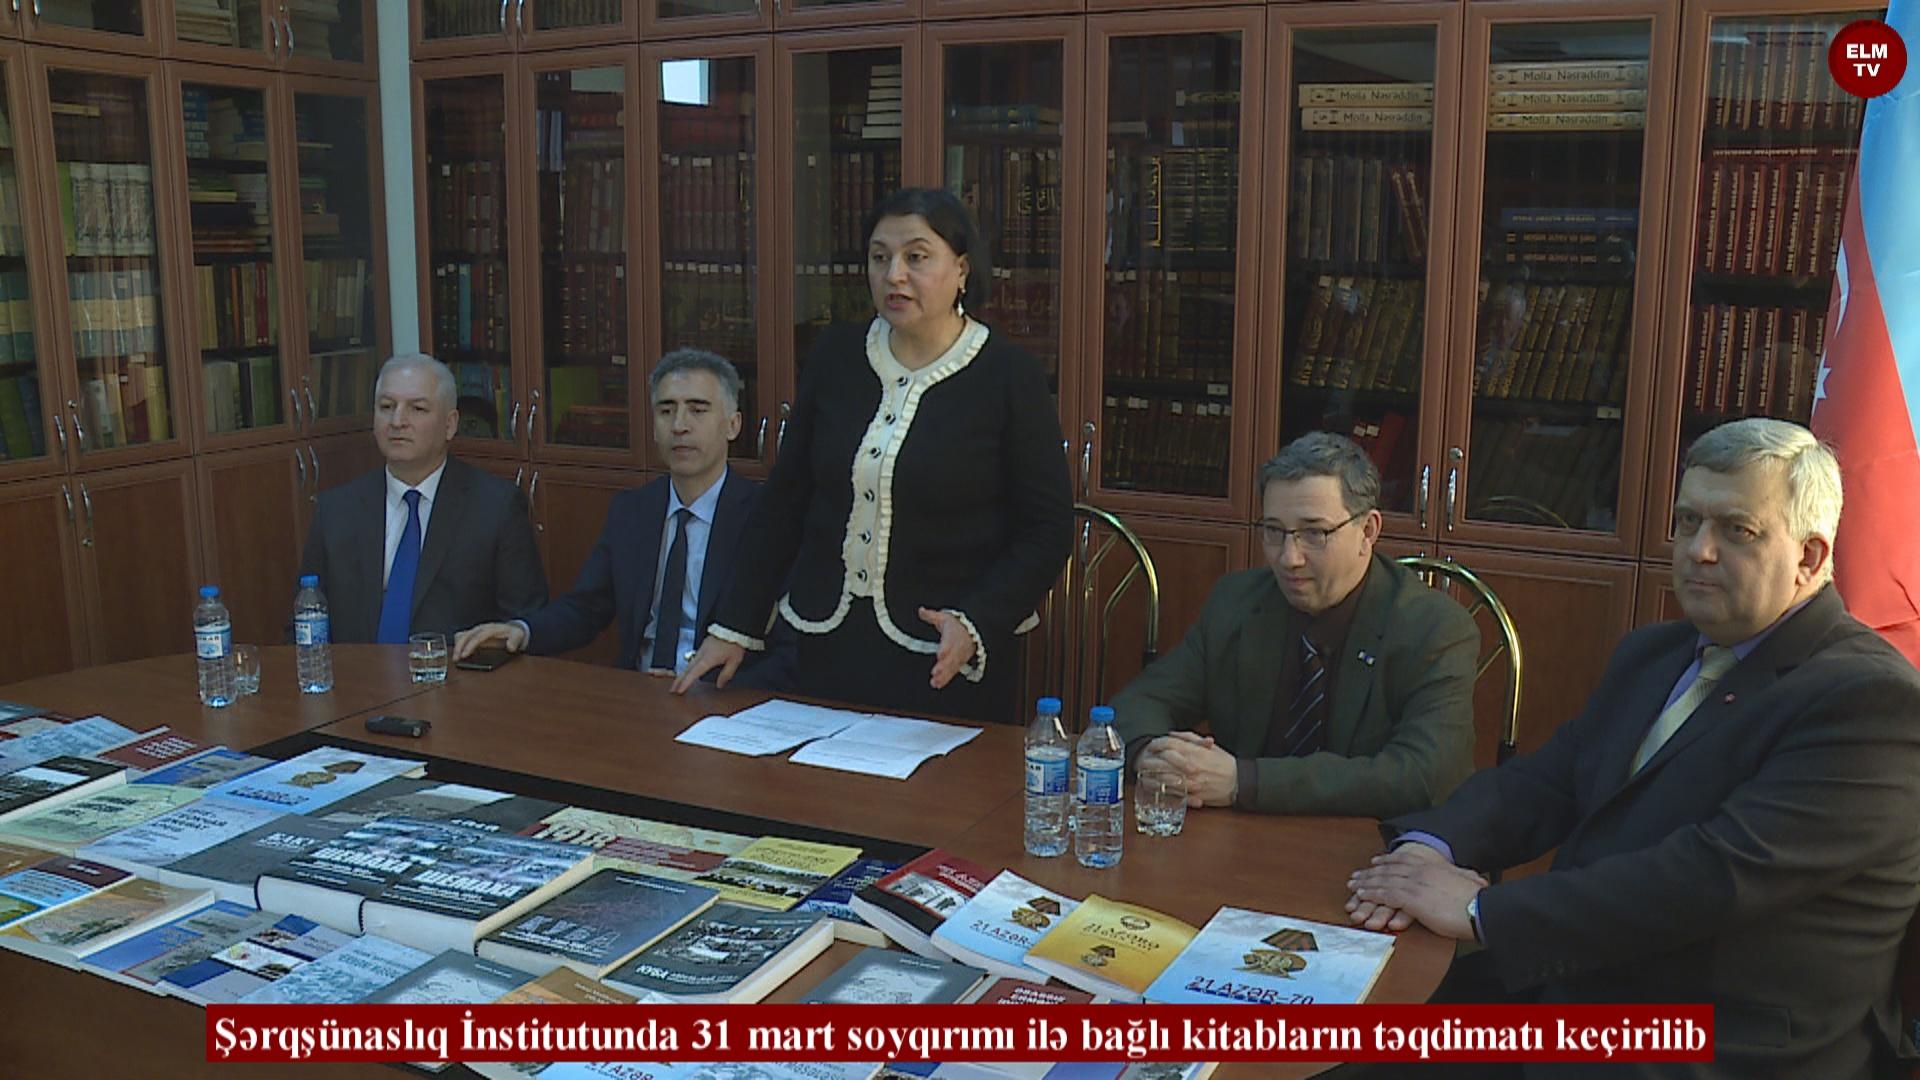 Şərqşünaslıq İnstitutunda 31 mart soyqırımı ilə bağlı kitabların təqdimatı keçirilib